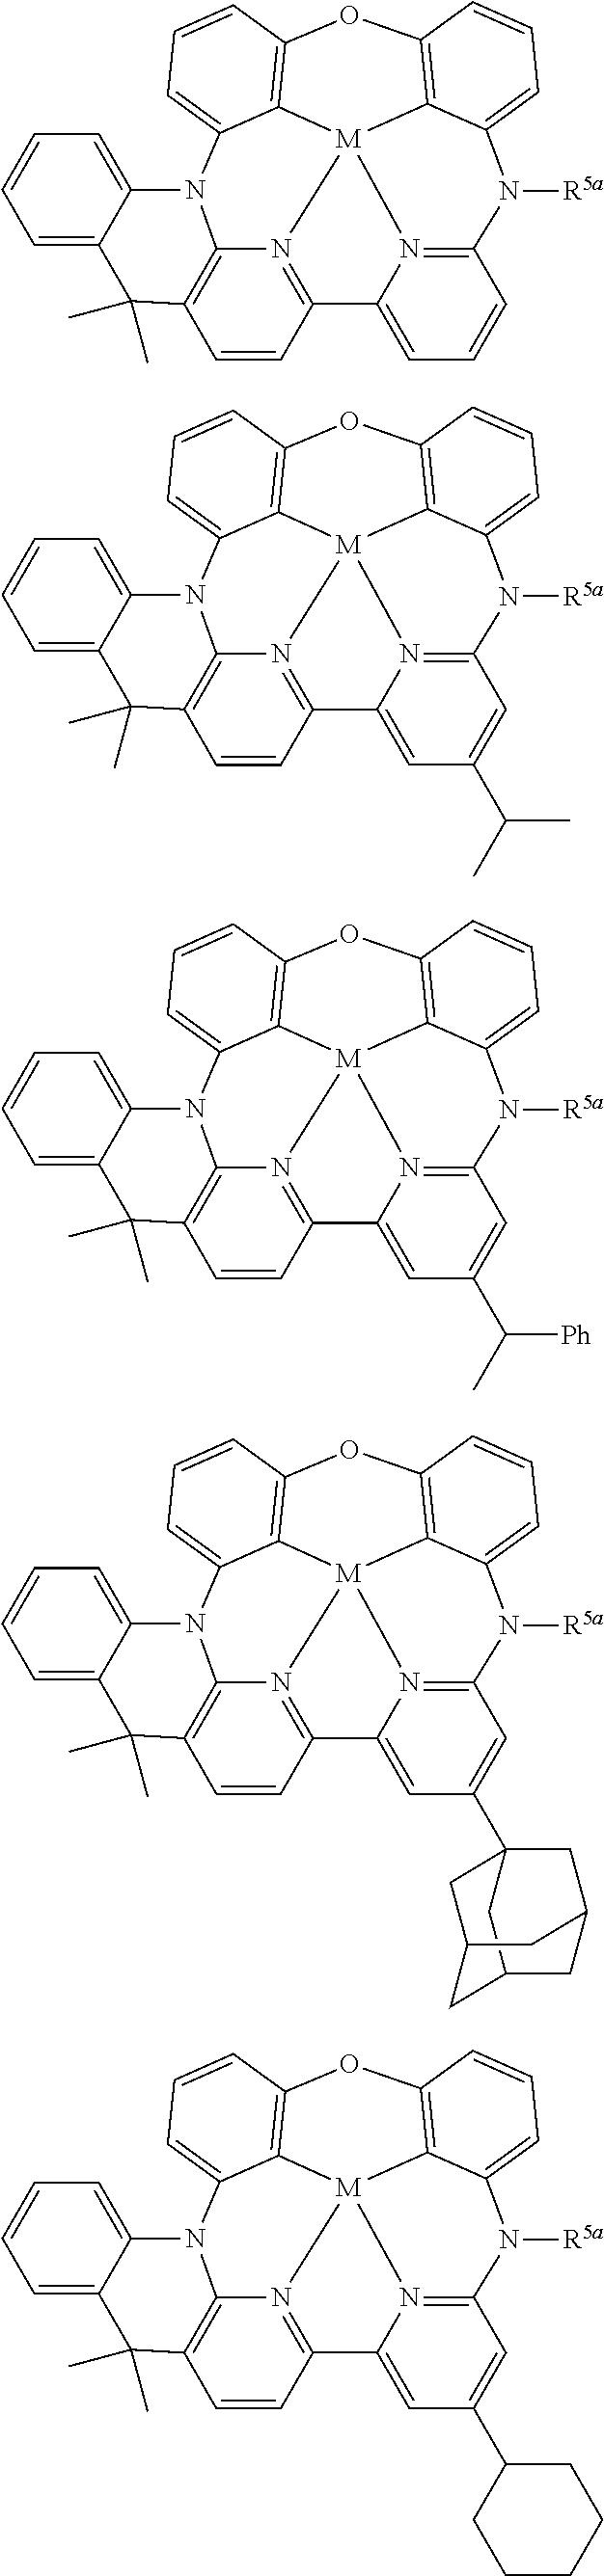 Figure US10158091-20181218-C00145